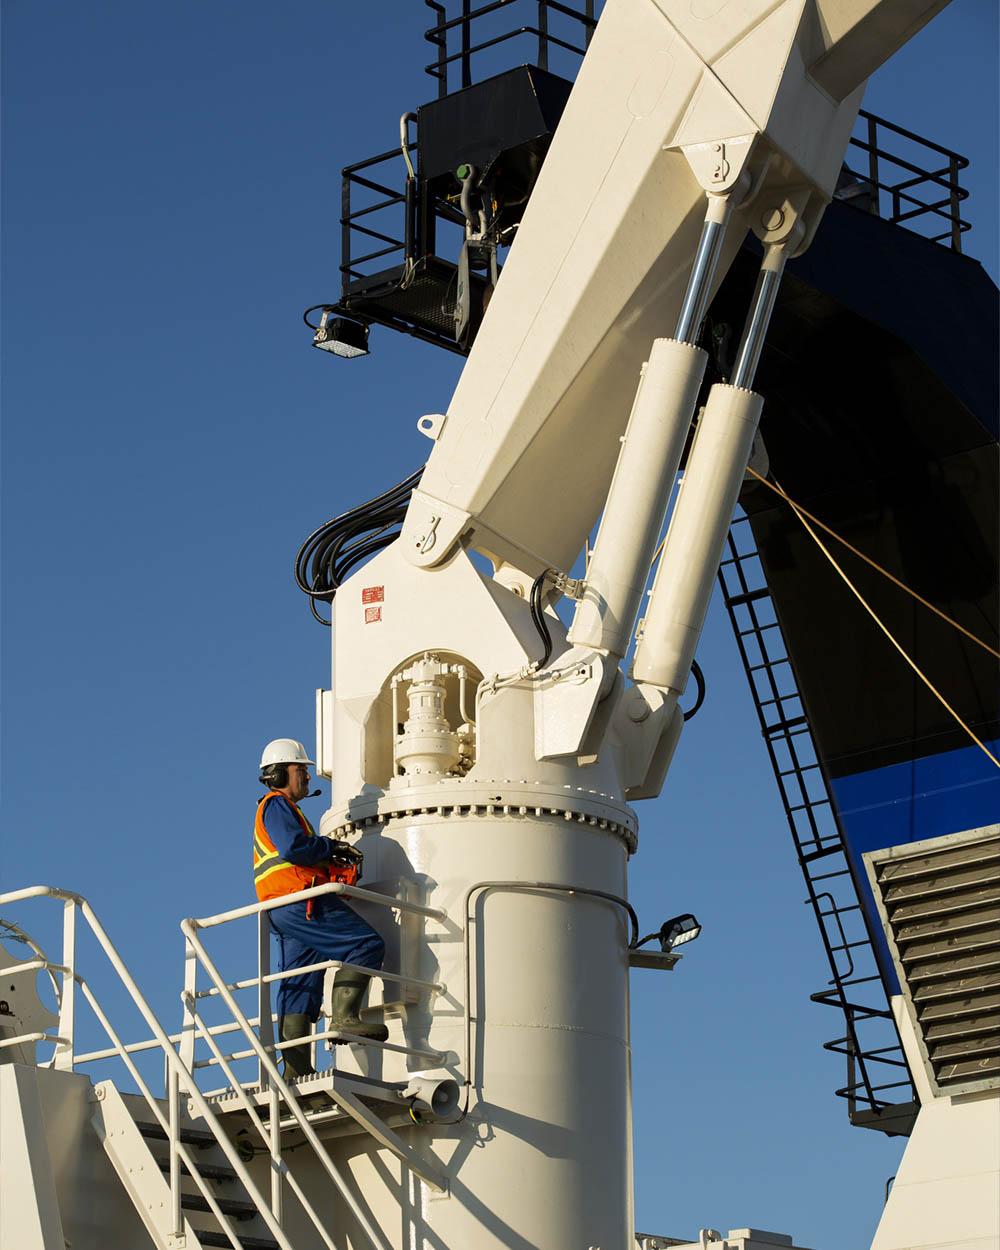 Norther Osprey man working on crane